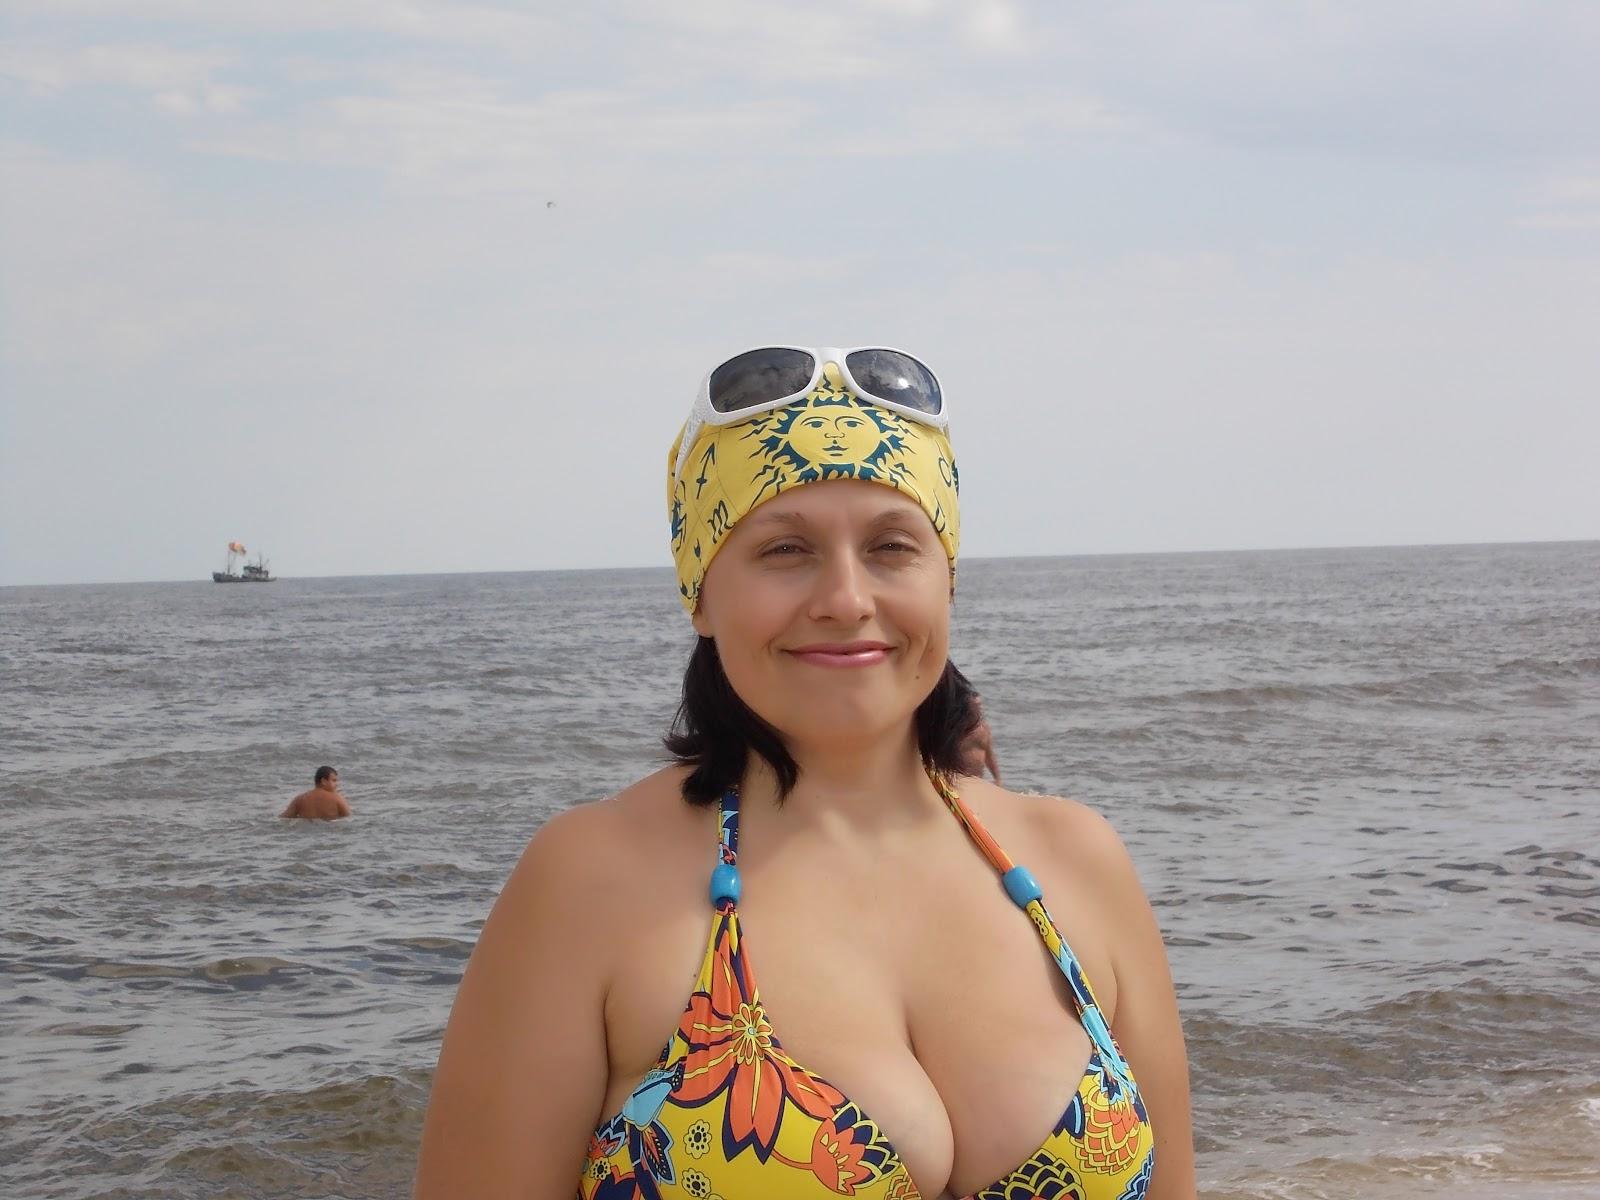 Сестра на море фото 1 фотография